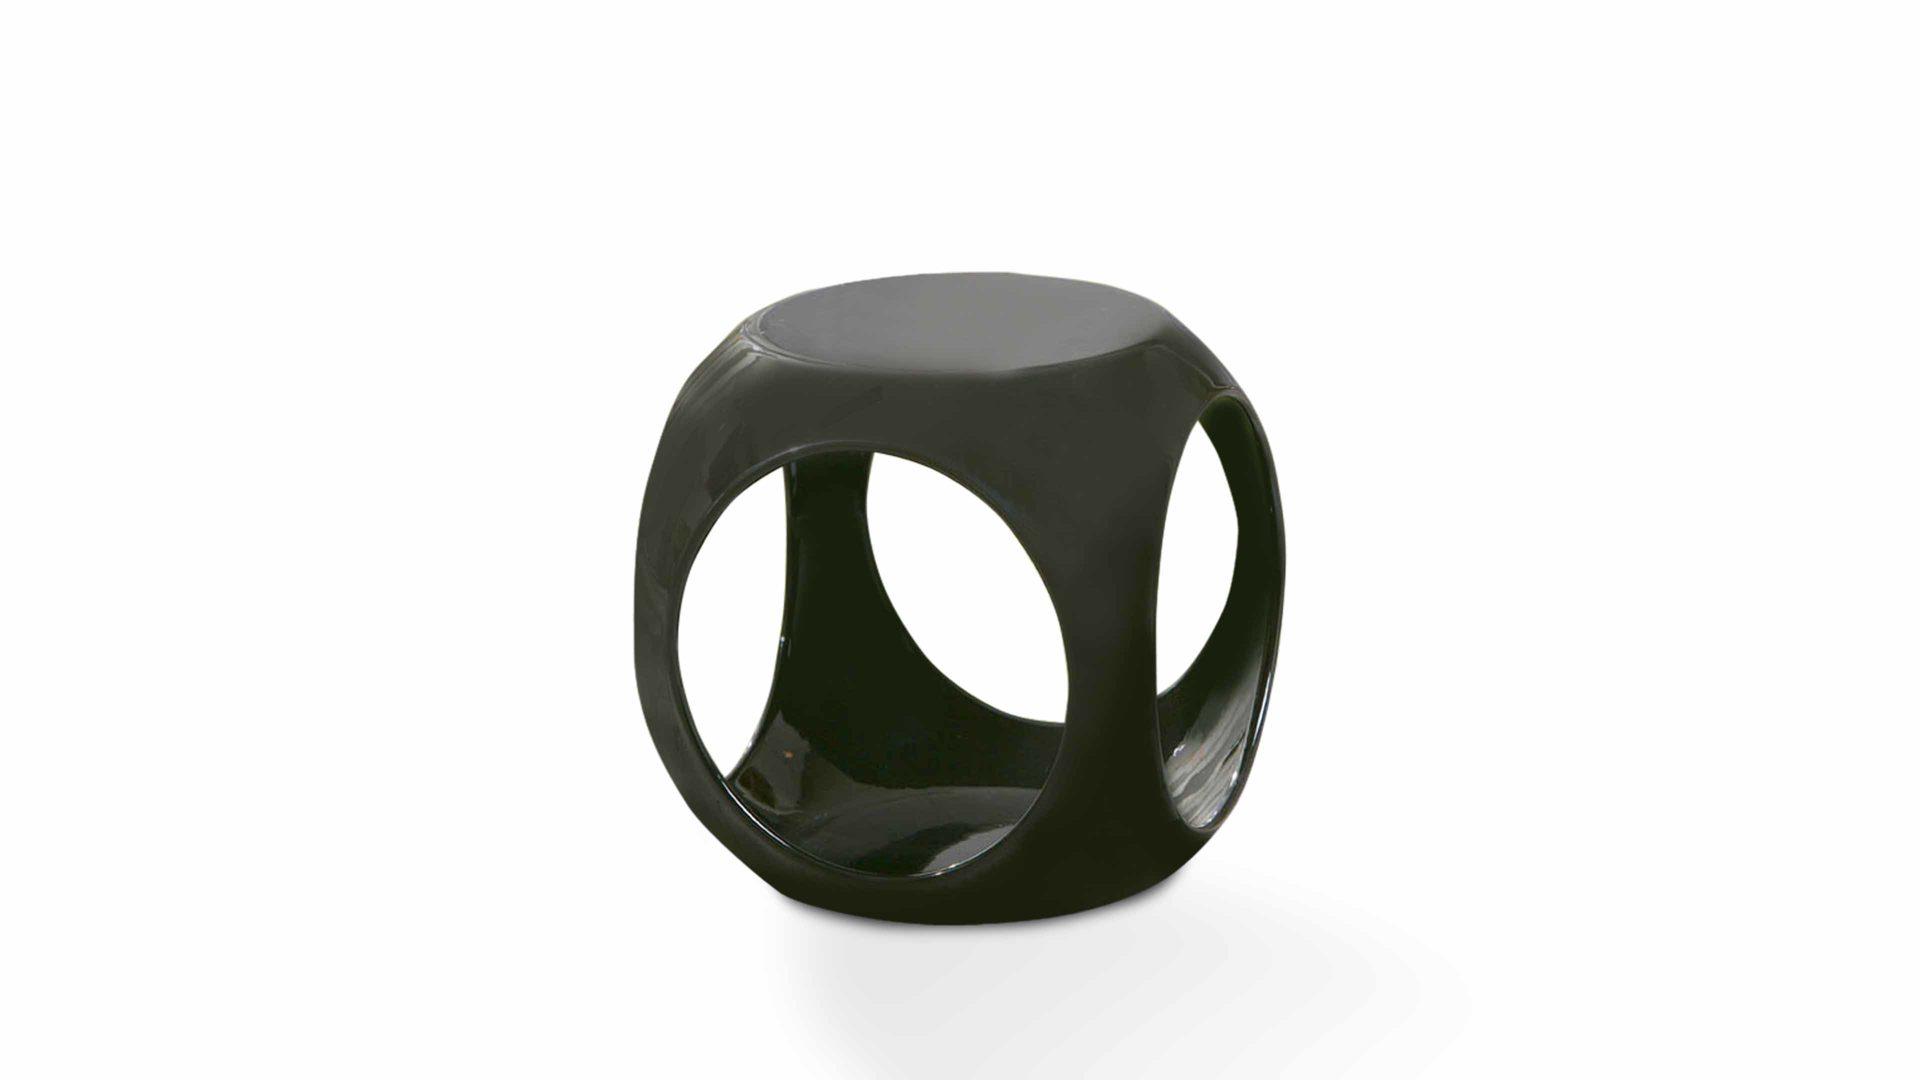 Beistelltisch Nono Ein Flexibles Kleinmöbel Für Ihr Zuhause